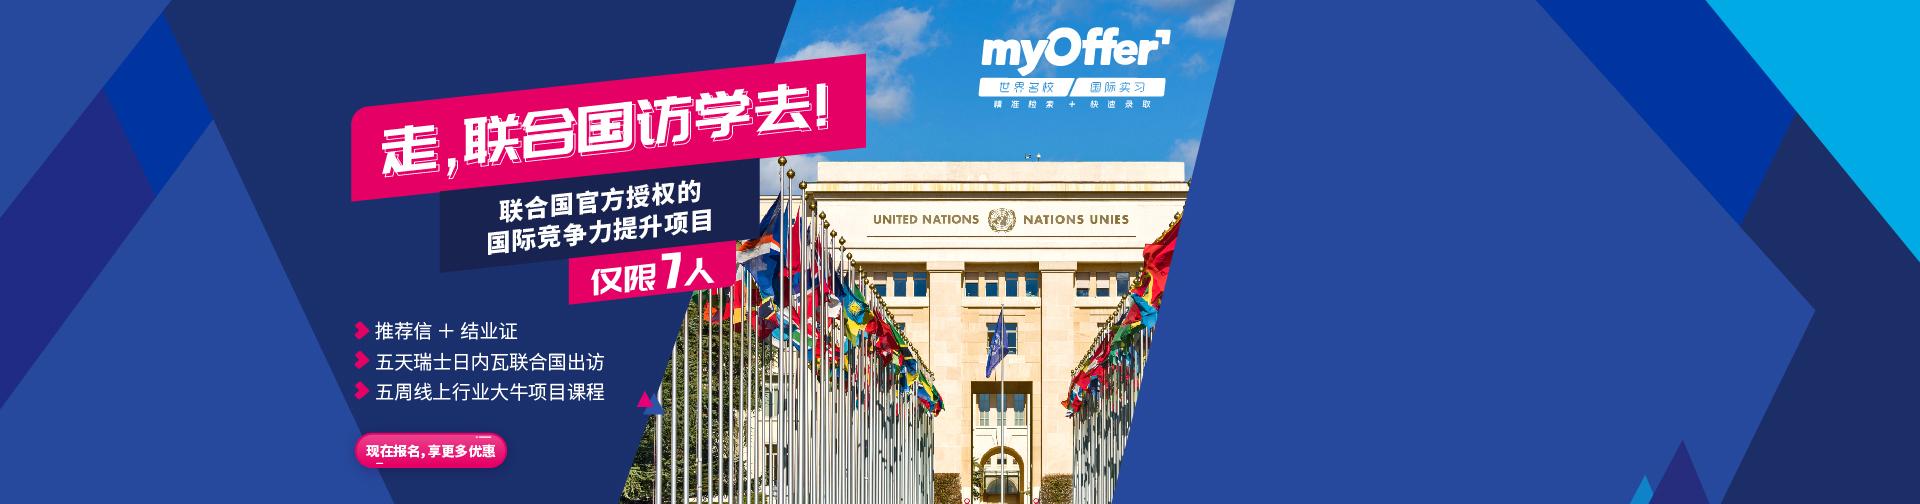 http://myoffer-public.oss-cn-shenzhen.aliyuncs.com/banners/6bd0a46dc97d915ffe1bc56d278ad9f6-515614-1920x504.jpg